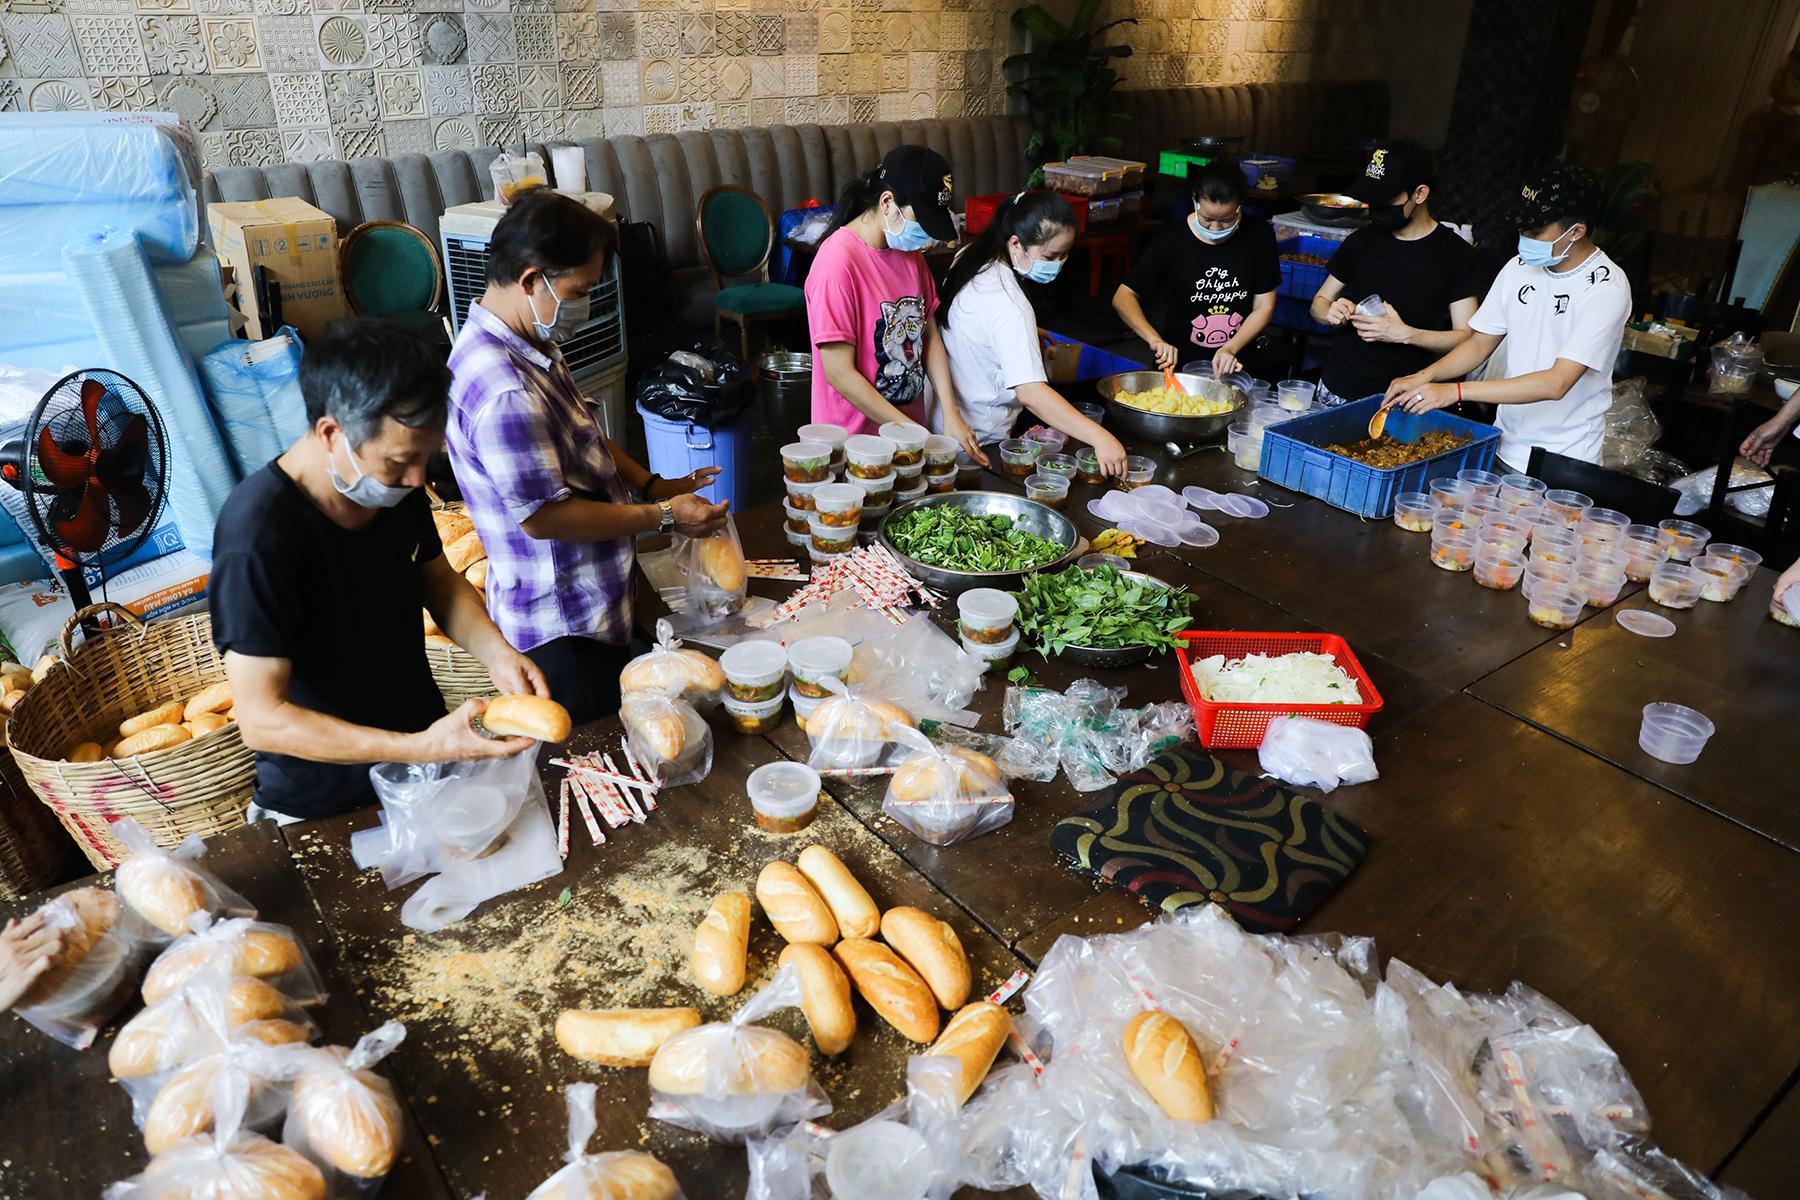 Chủ nhà hàng nấu 2.000 suất ăn miễn phí mỗi ngày cho lao động nghèo, khu phong toả ở Sài Gòn - 3